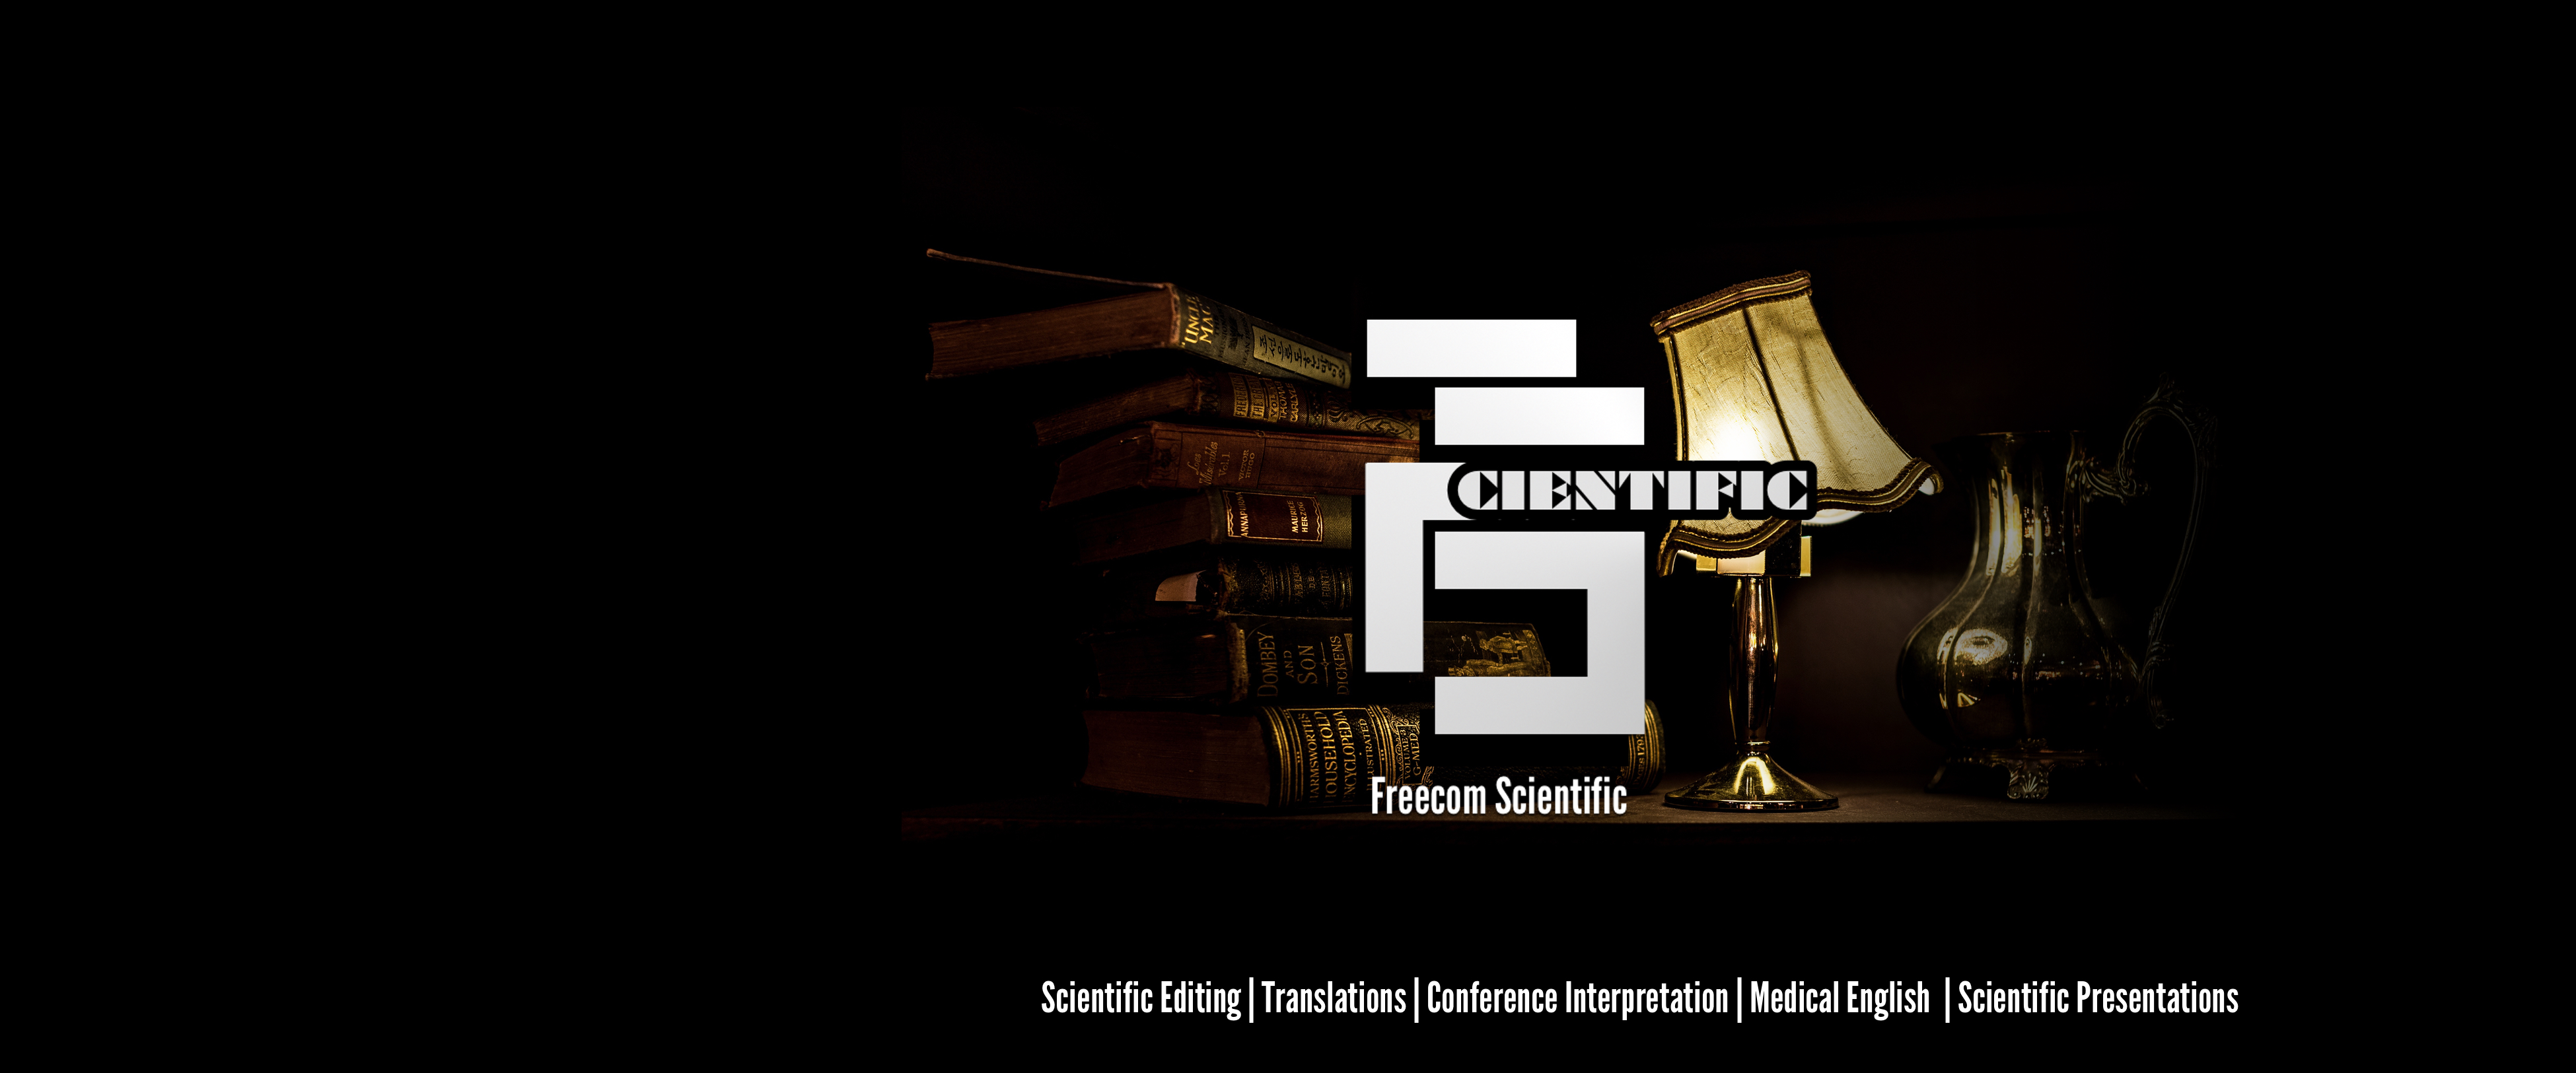 FREECOM SCIENTIFIC